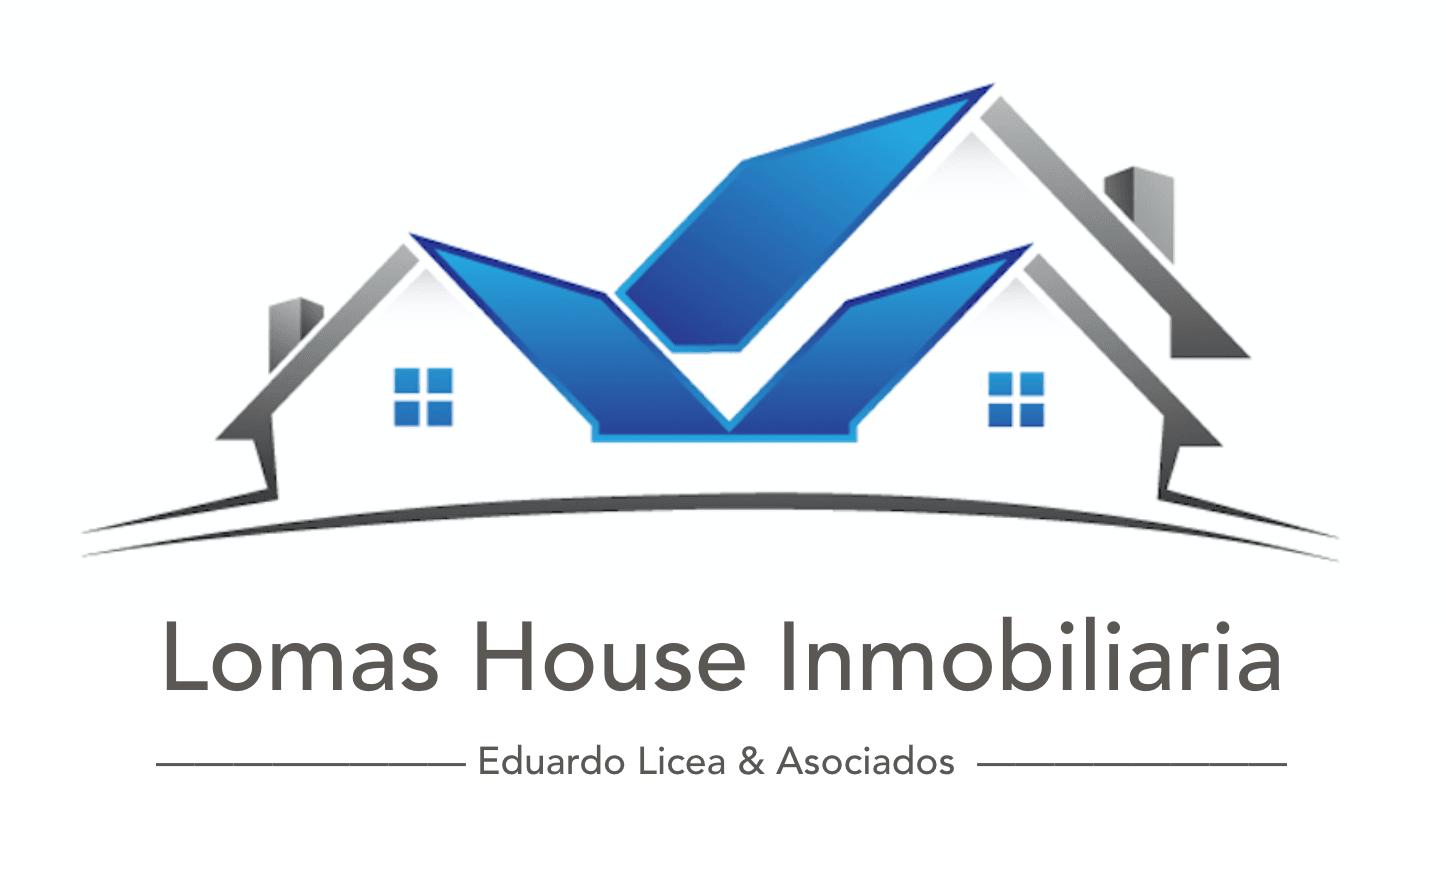 Logo de  Lomashouseinmobiliaria